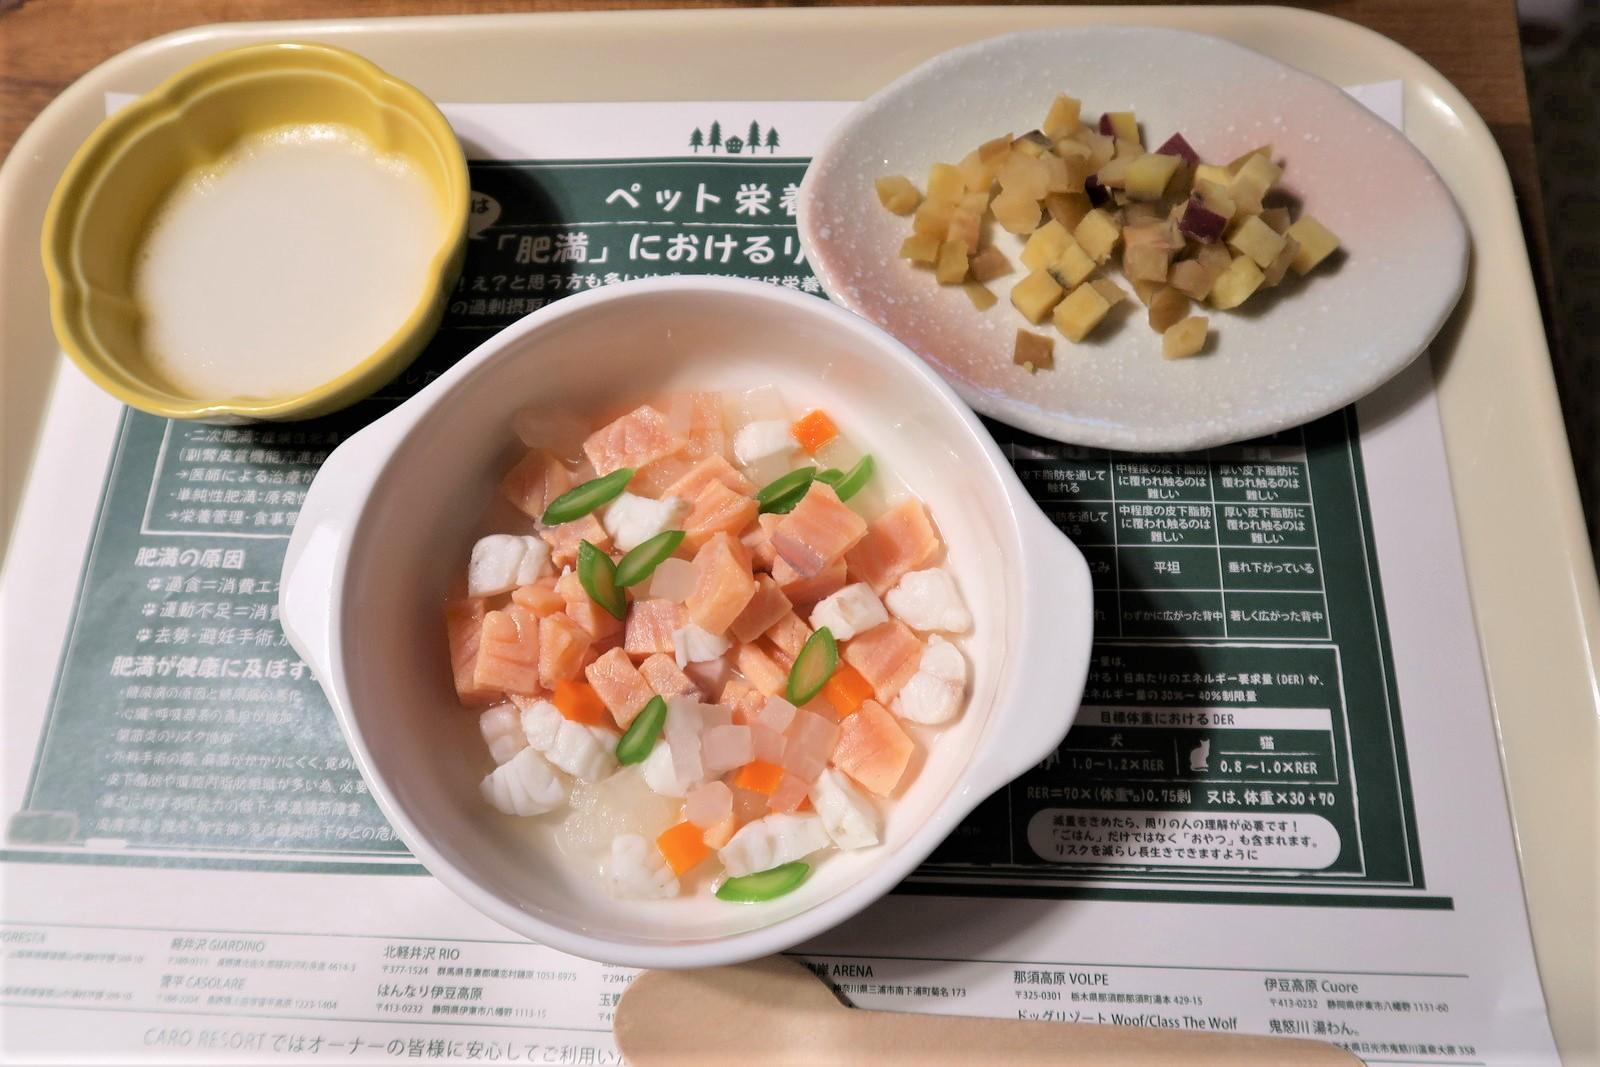 ワンコメニュー(魚料理)